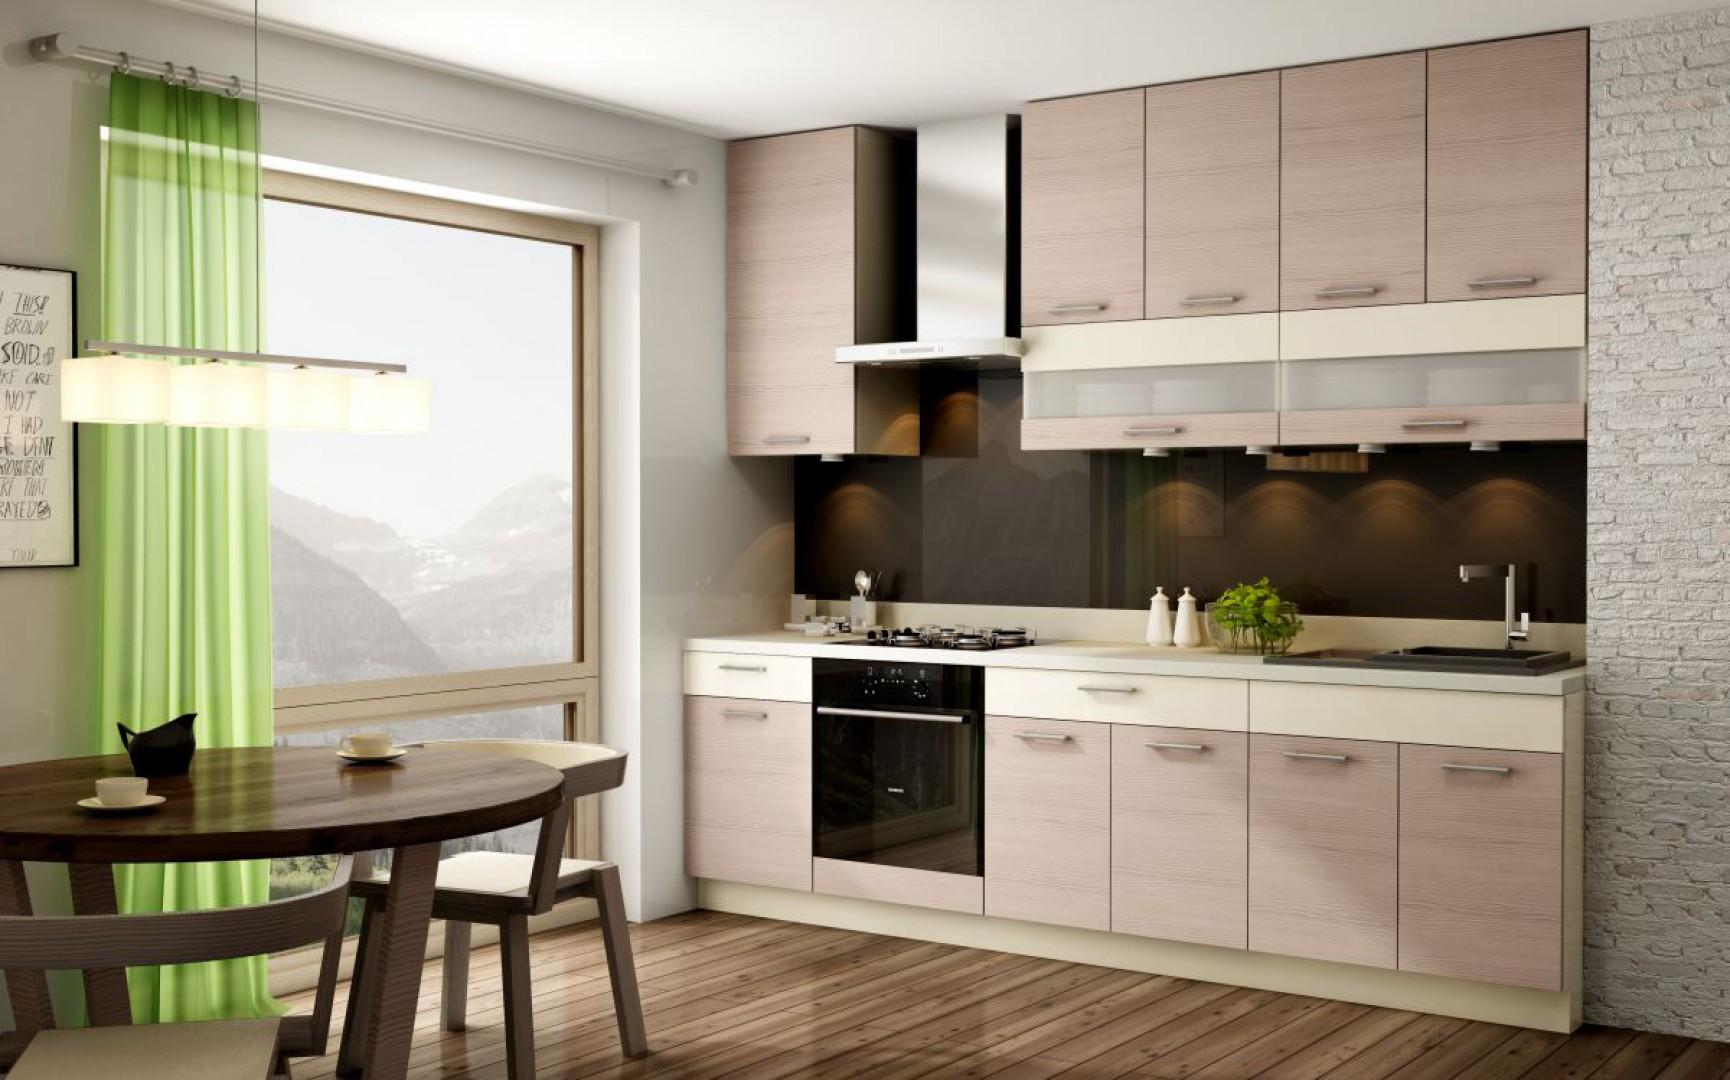 Zestaw mebli kuchennych KAMDuo XL firmy KAM Kuchnie. Fot. KAM Kuchnie